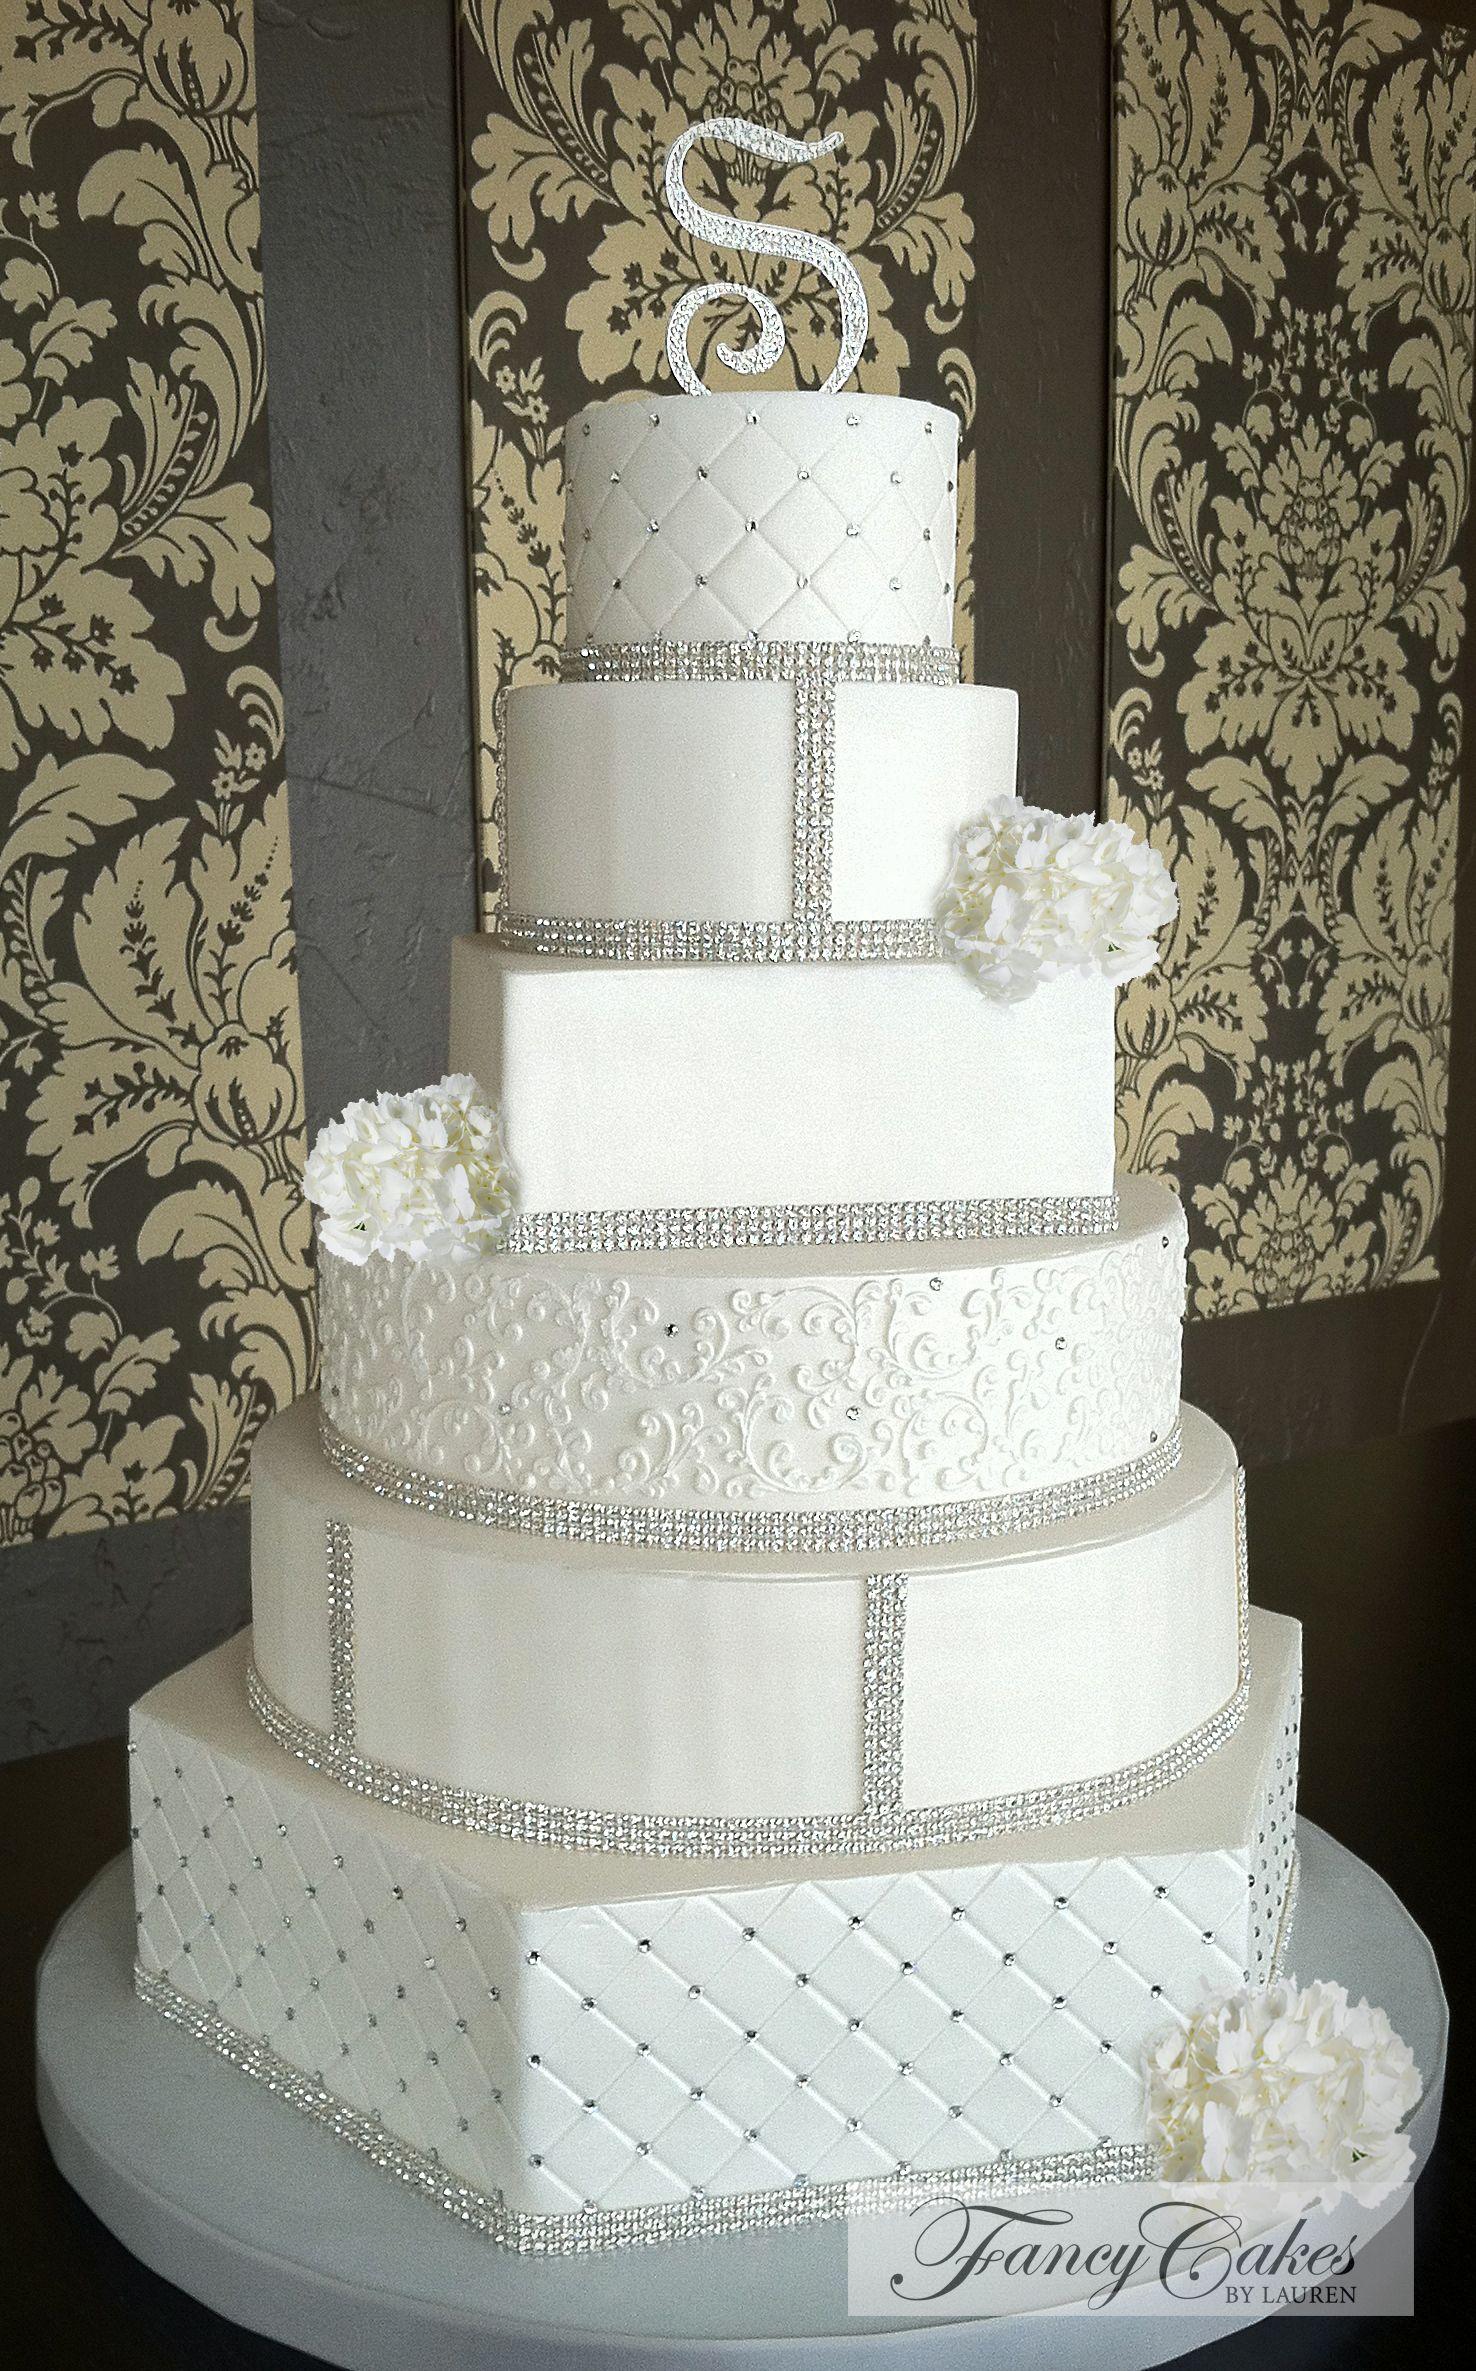 29 Gorgeously Embellished Wedding Cakes | Pinterest | Cake wedding ...